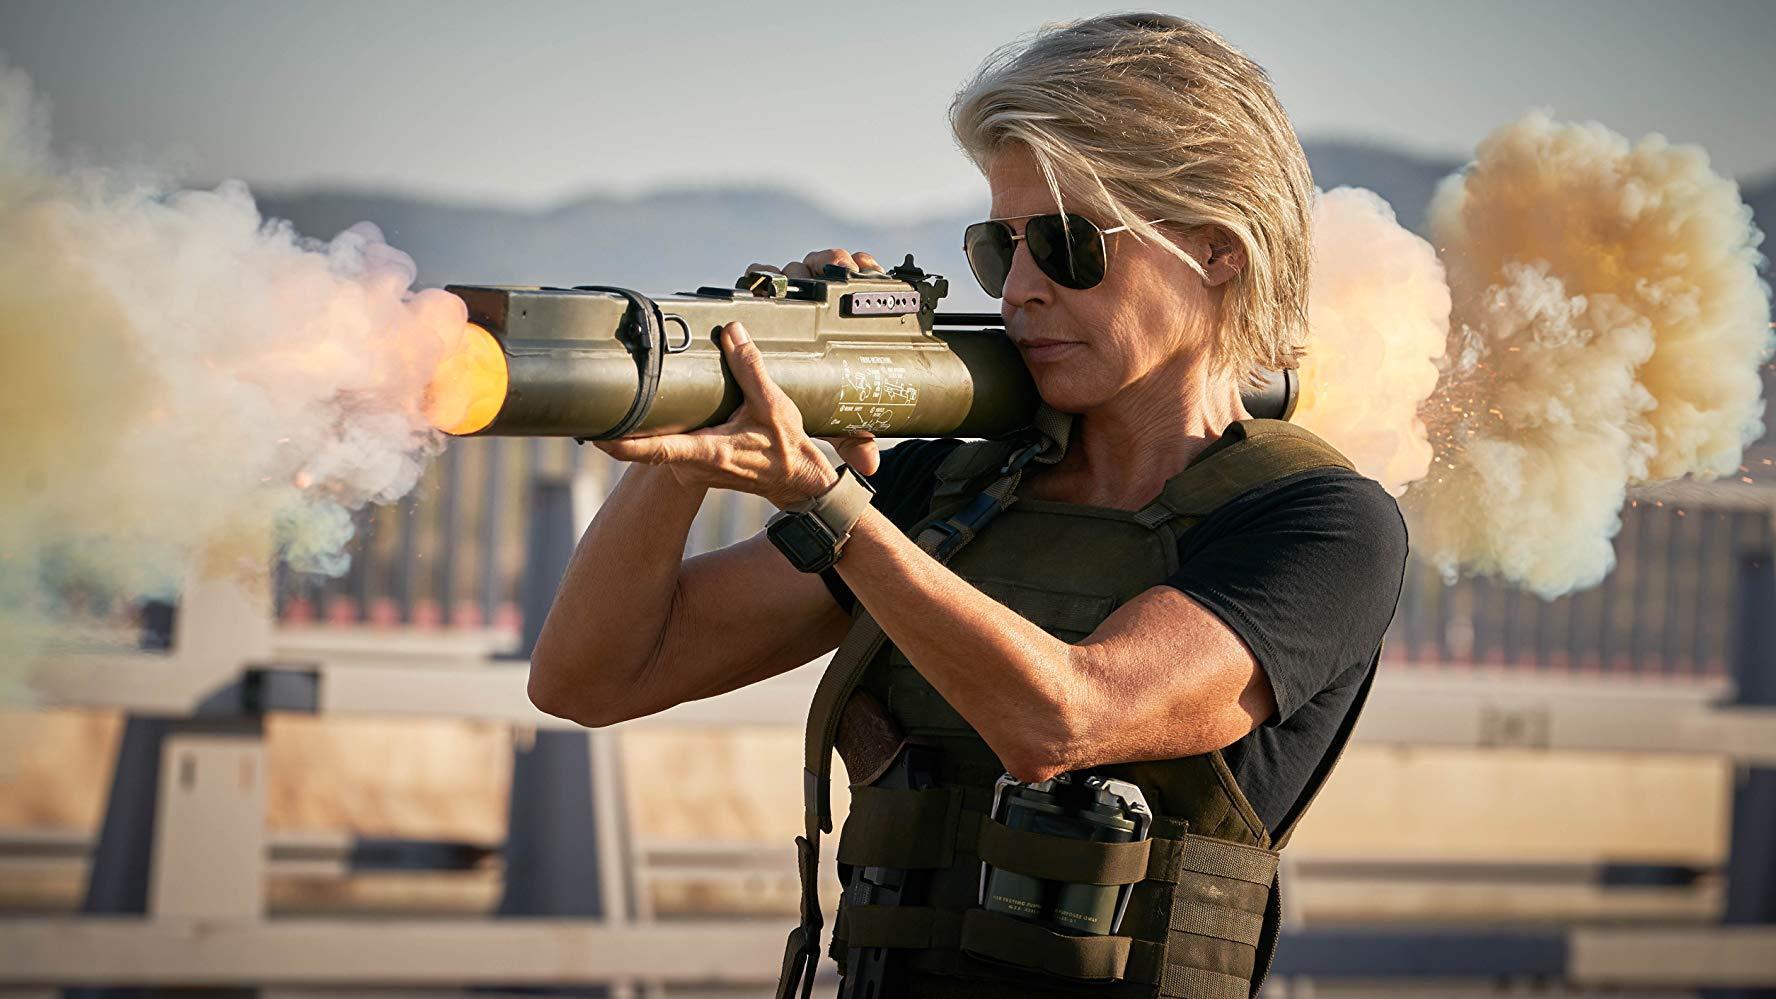 Terminátor: Linda Hamilton s dalším návratem k roli Sarah Connor nepočítá | Fandíme filmu